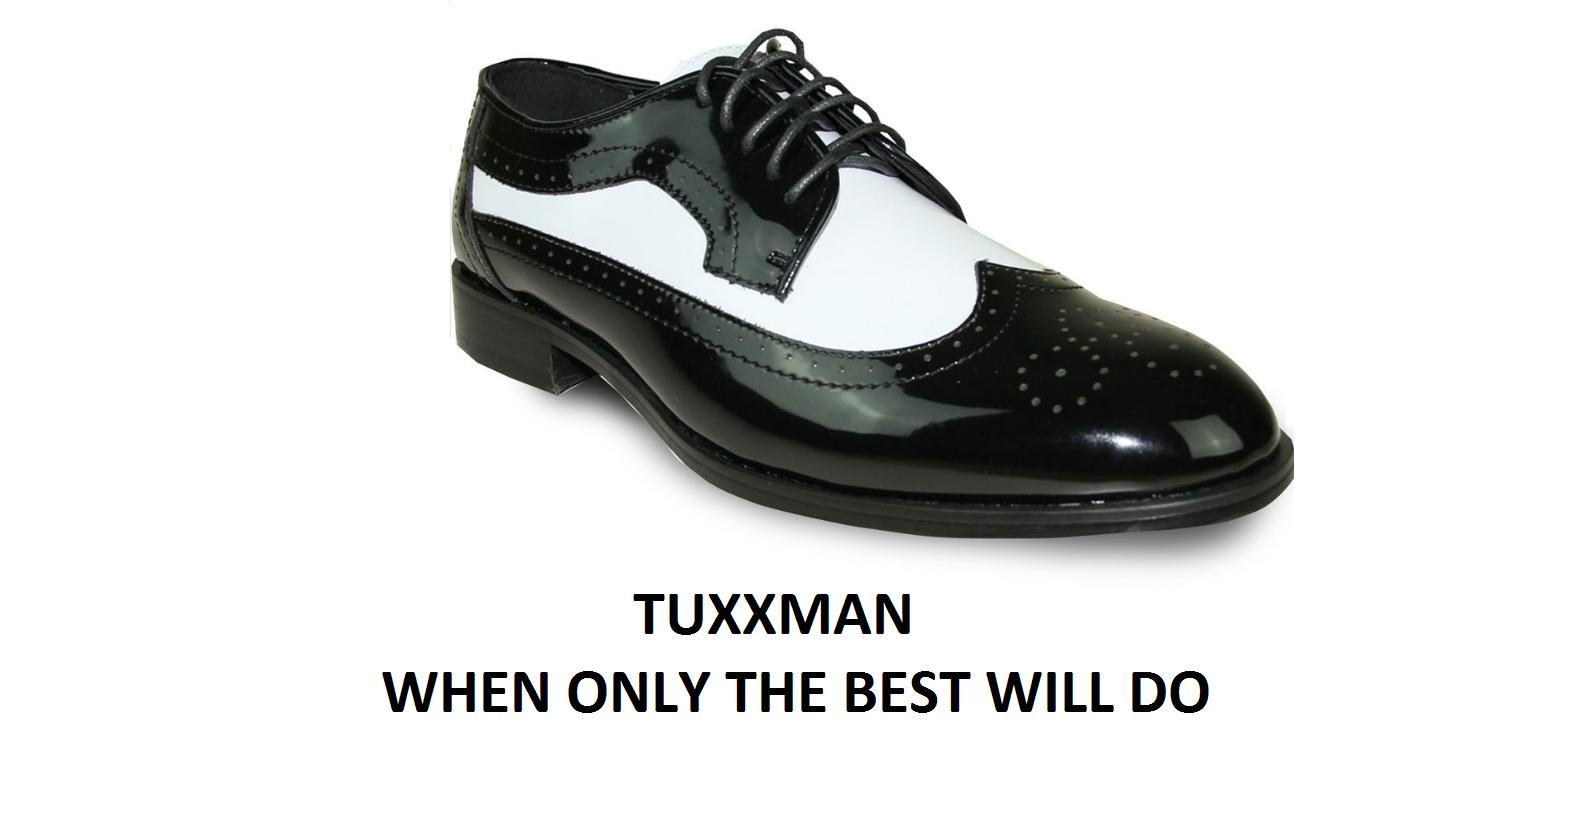 connotazione di lusso low-key New Uomo Wing Tip Two Two Two Tone nero bianca Lace Dress Formal Tuxedo scarpe TUXXMAN  Sito ufficiale